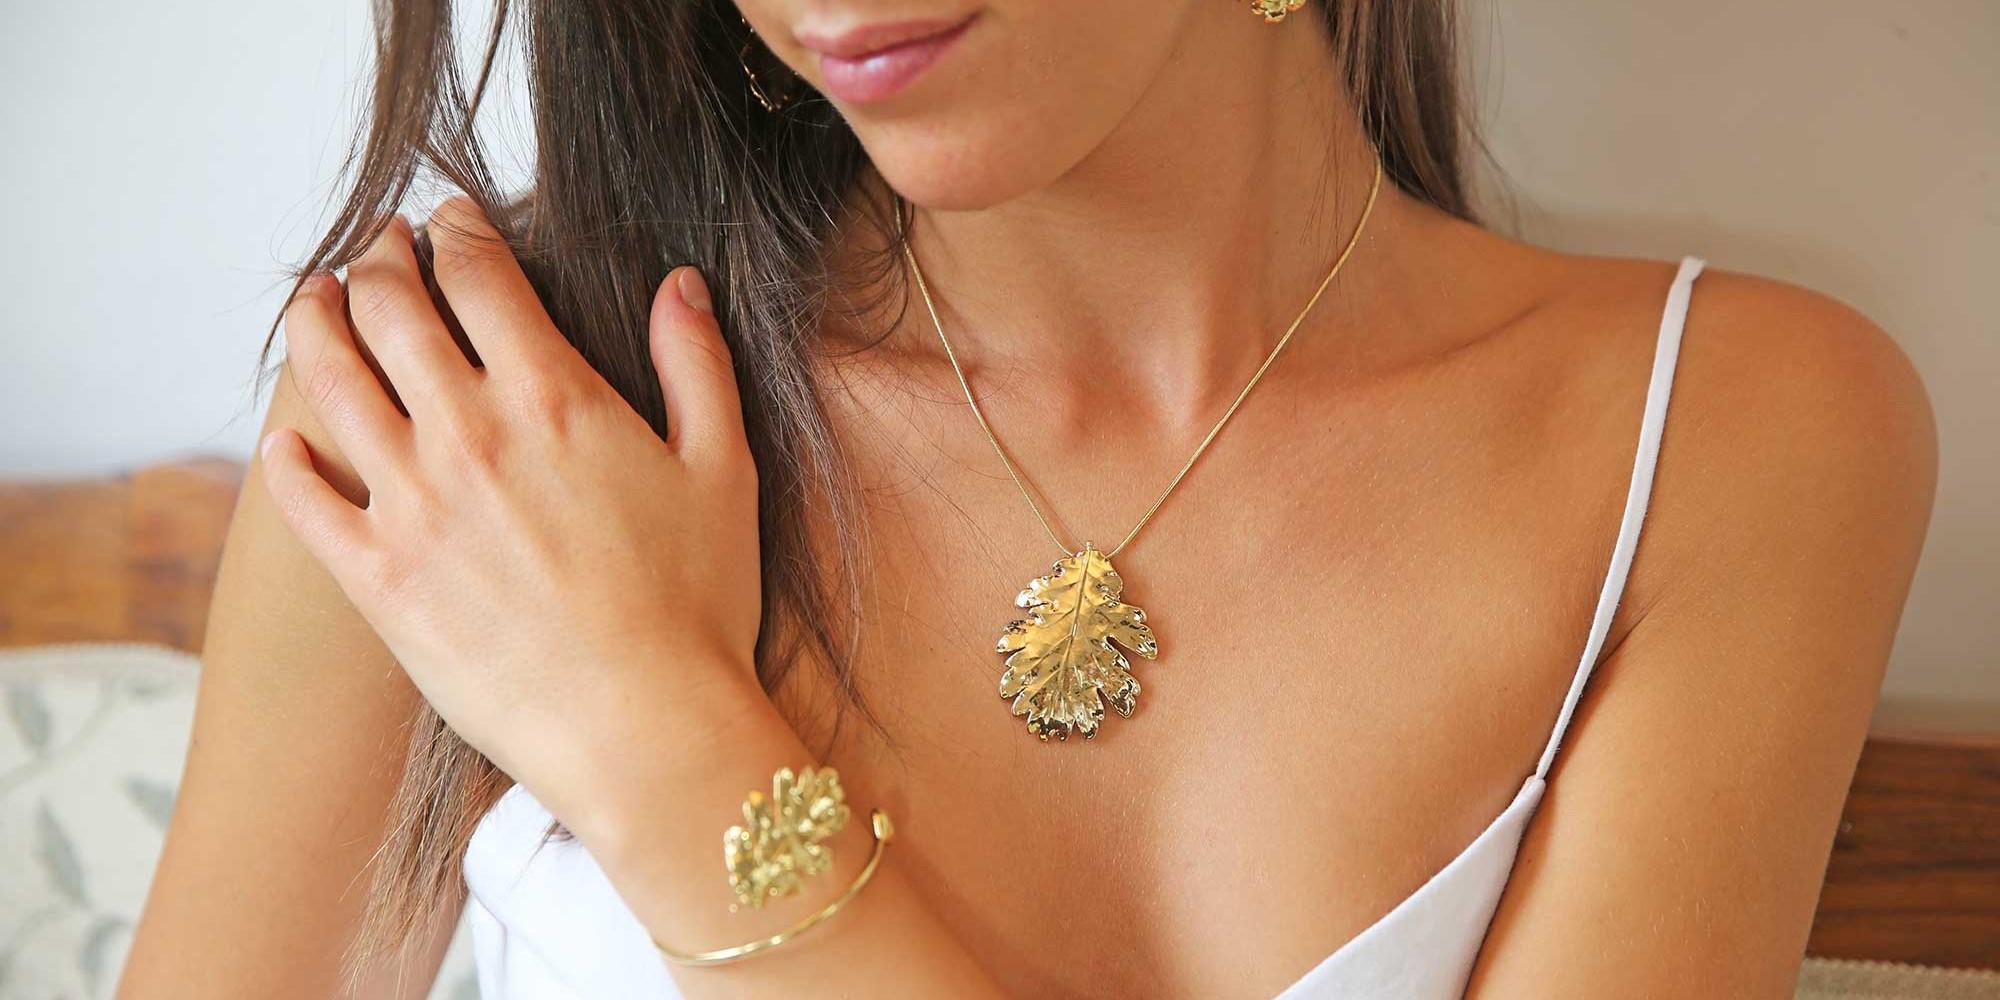 Parure indossata da modella con orecchini, ciondolo e bracciale di vere foglie di quercia placcate oro